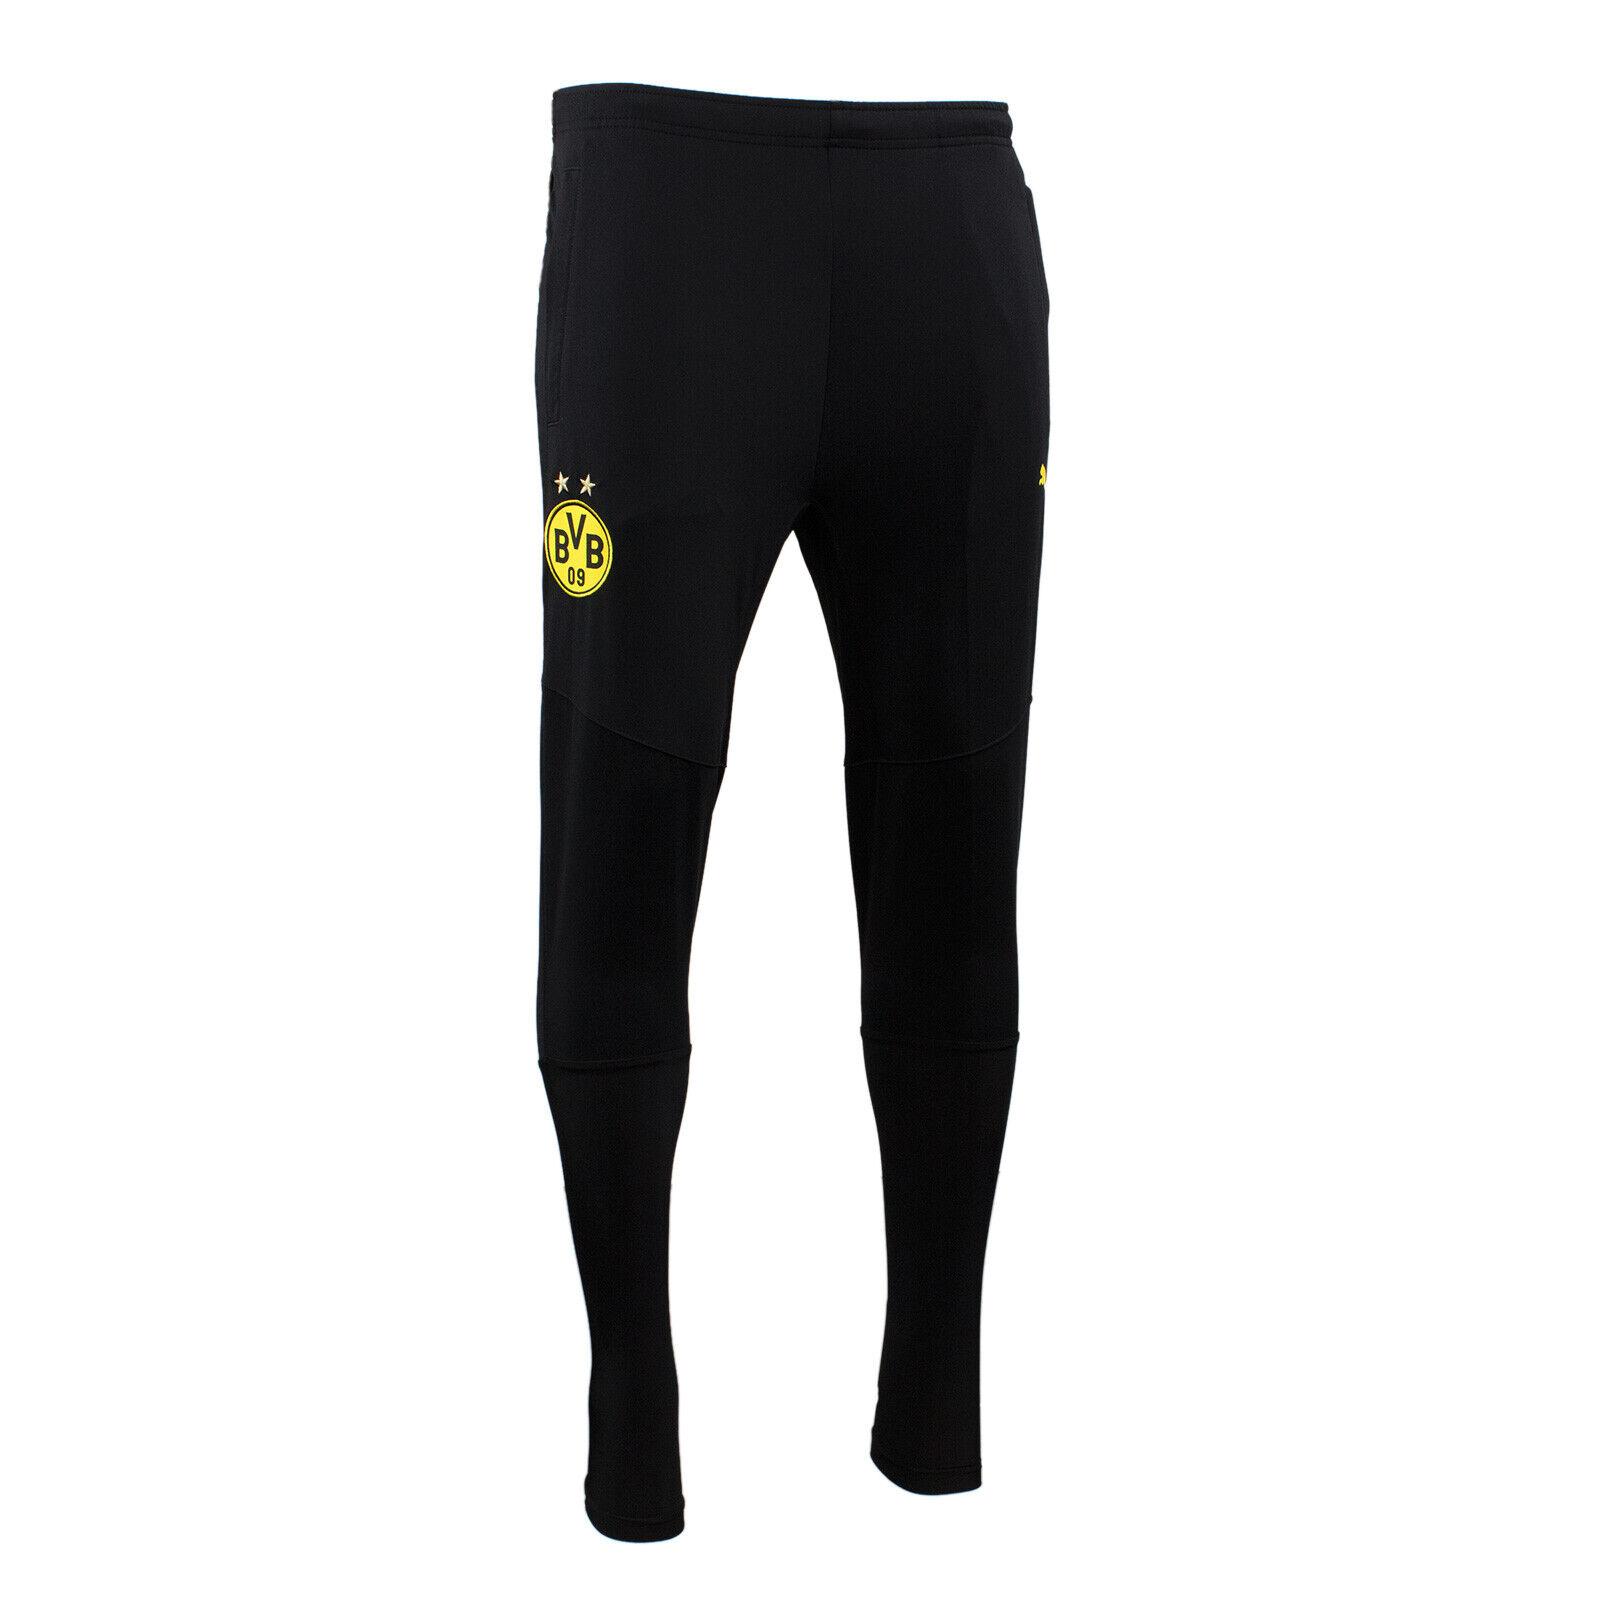 Puma BVB Borussia Dortmund Taperot Trainingshose Training Pant schwarz schwarz schwarz S M L XL  | Genial Und Praktisch  cfca61